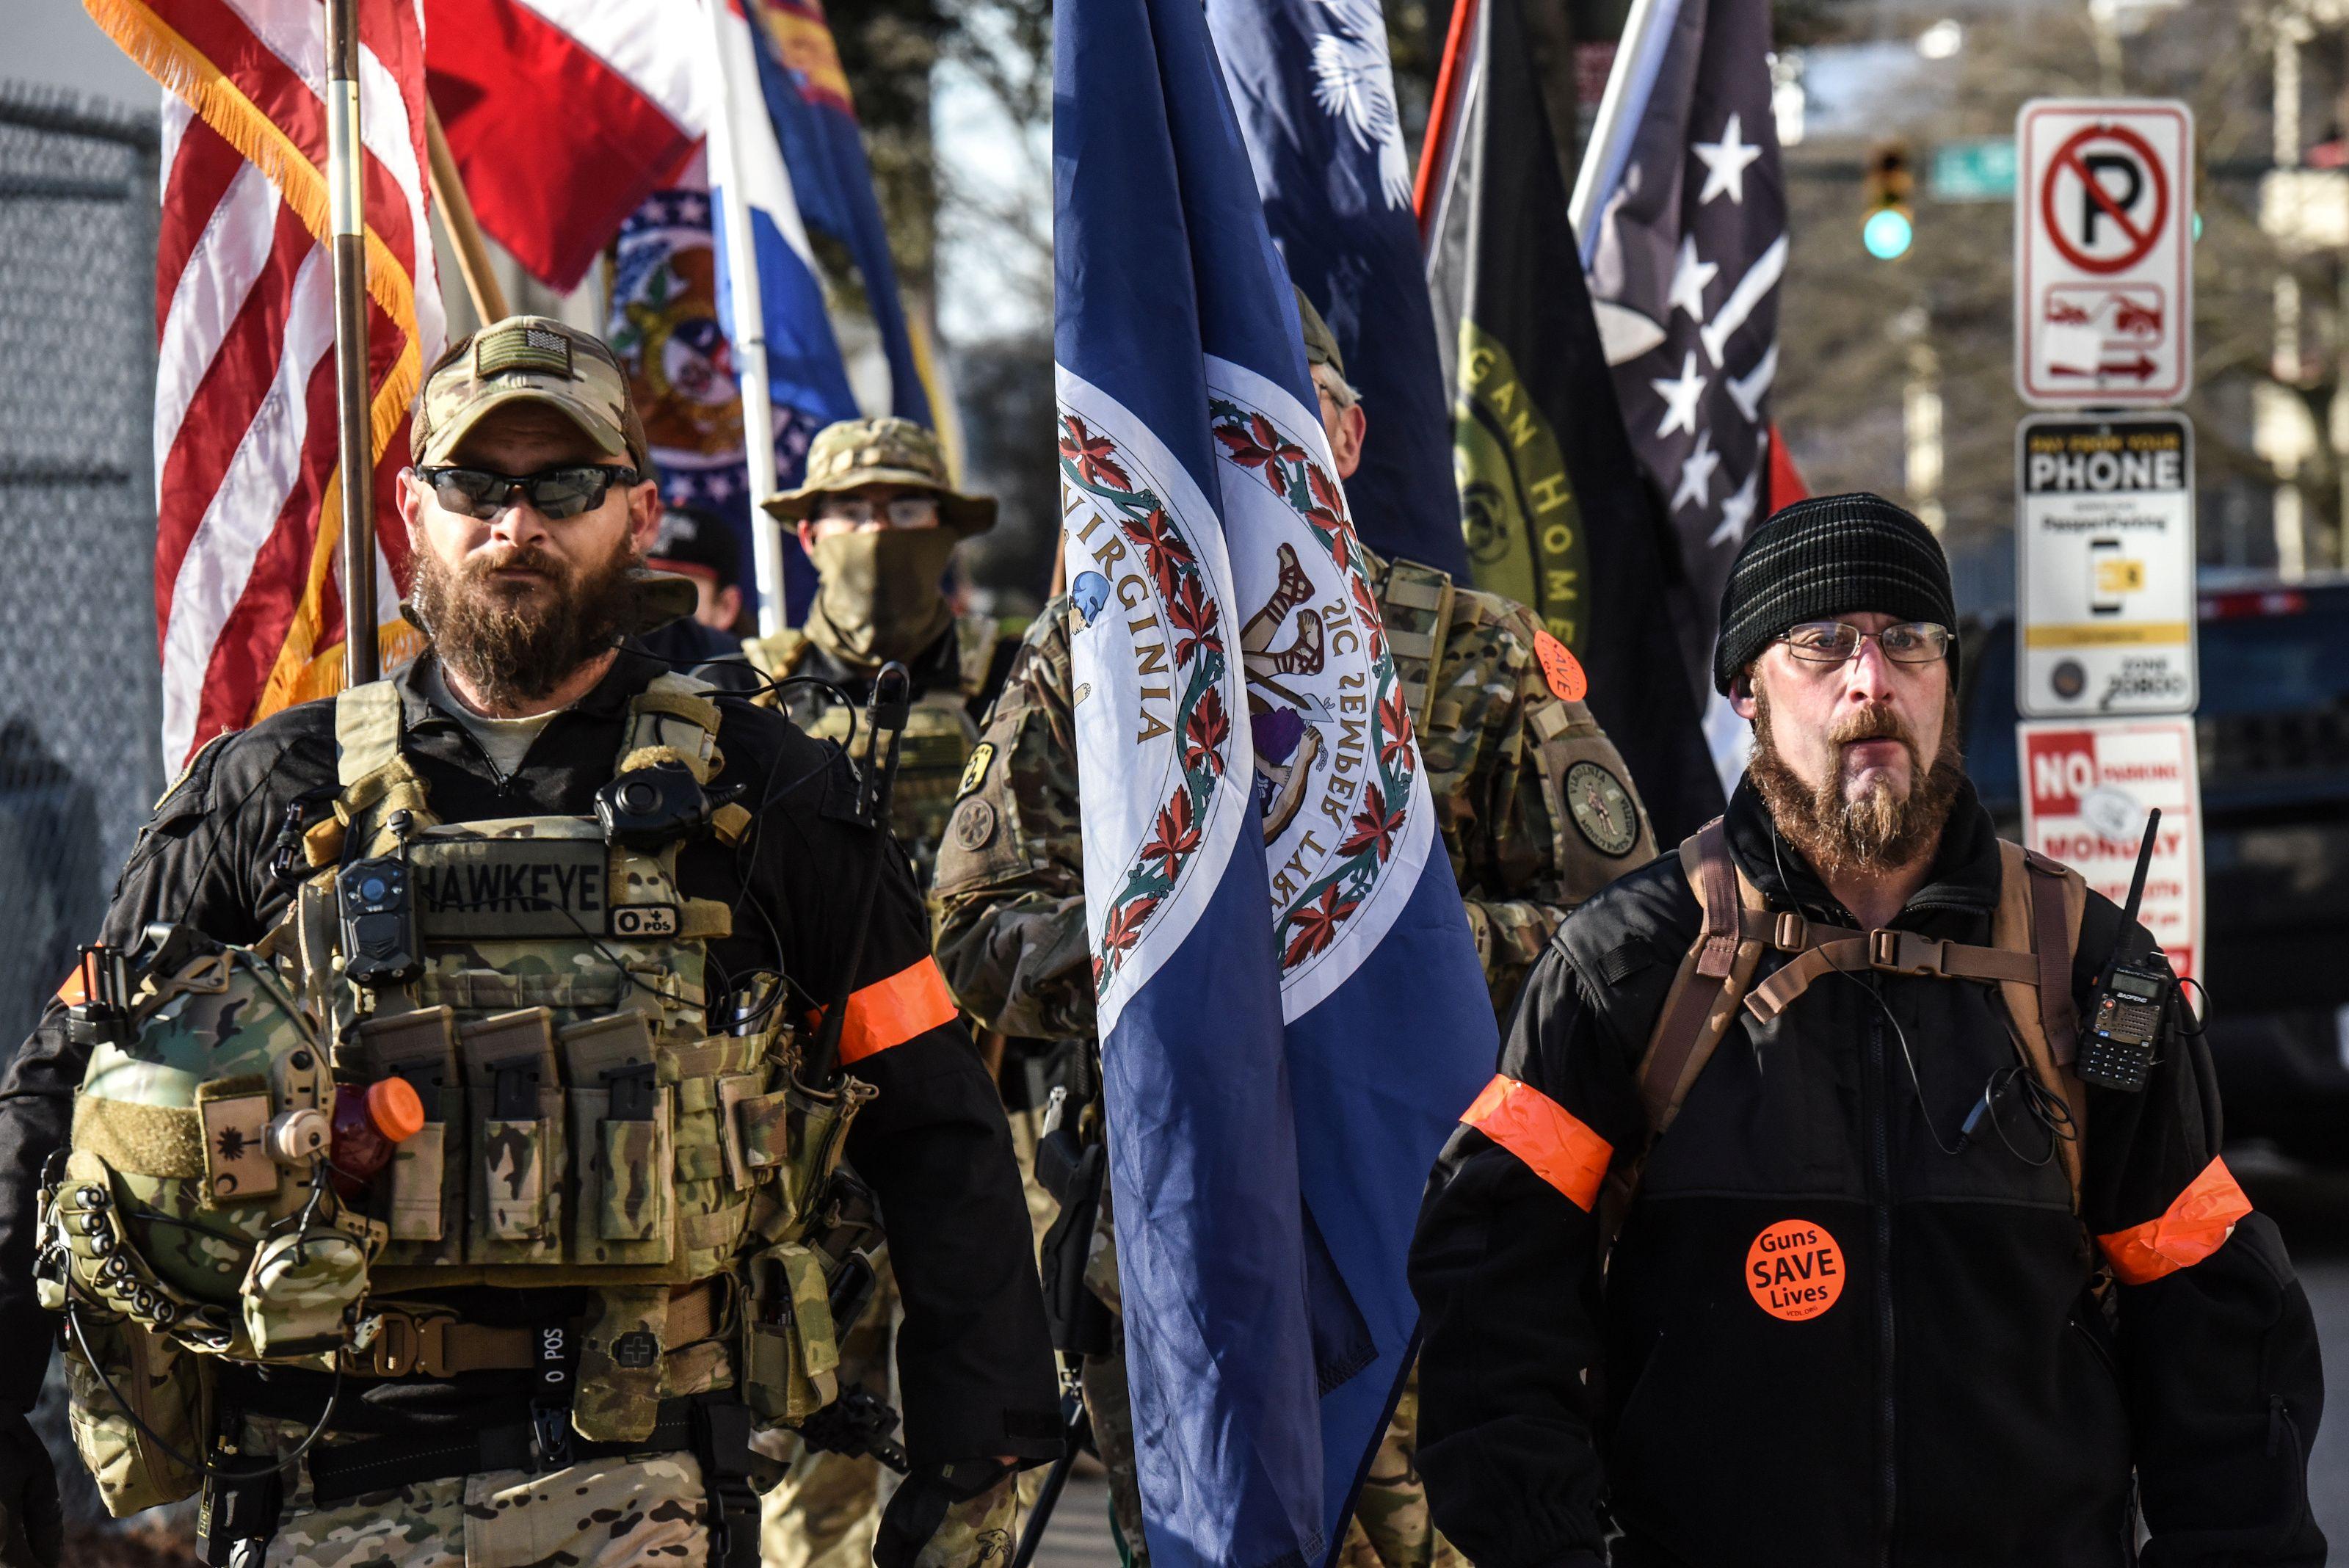 Milicianos posan junto a la bandera del estado de Virginia y la de Estados Unidos (REUTERS/Stephanie Keith)